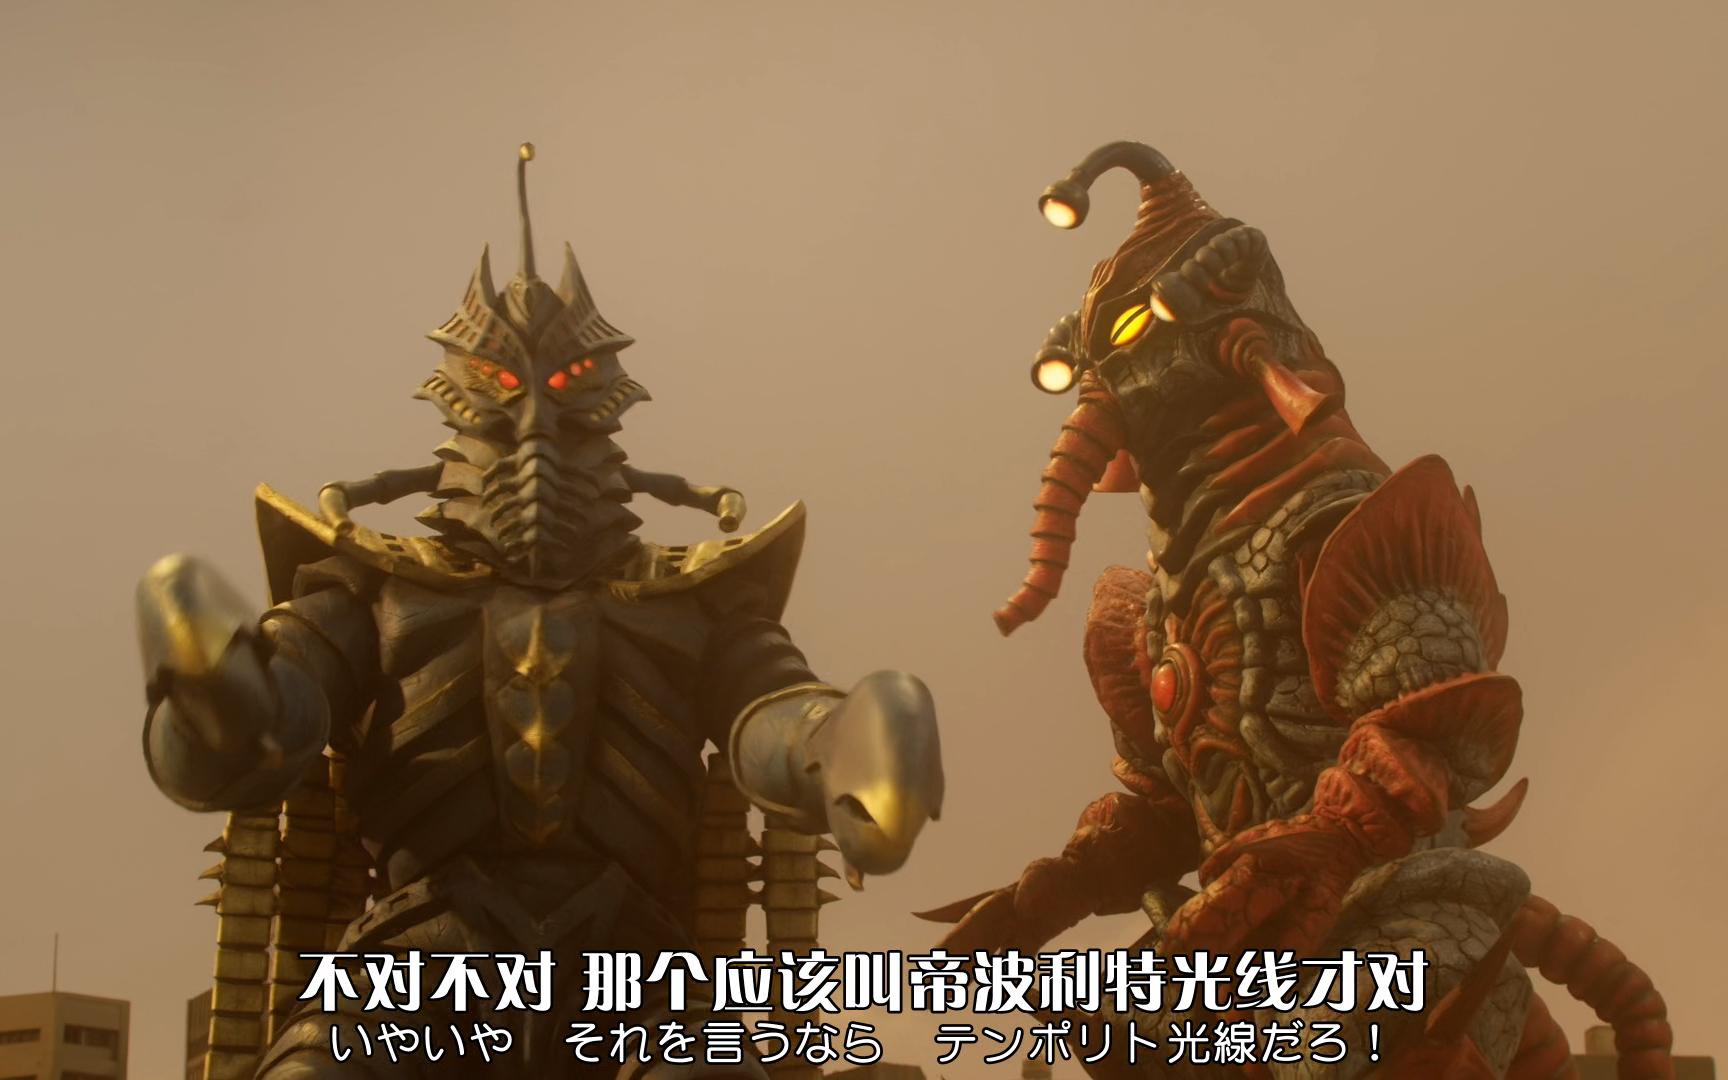 【怪兽退化史】曾经狂虐泰罗的强大敌人如今混成这样/极恶宇宙人帝国星人的全登场